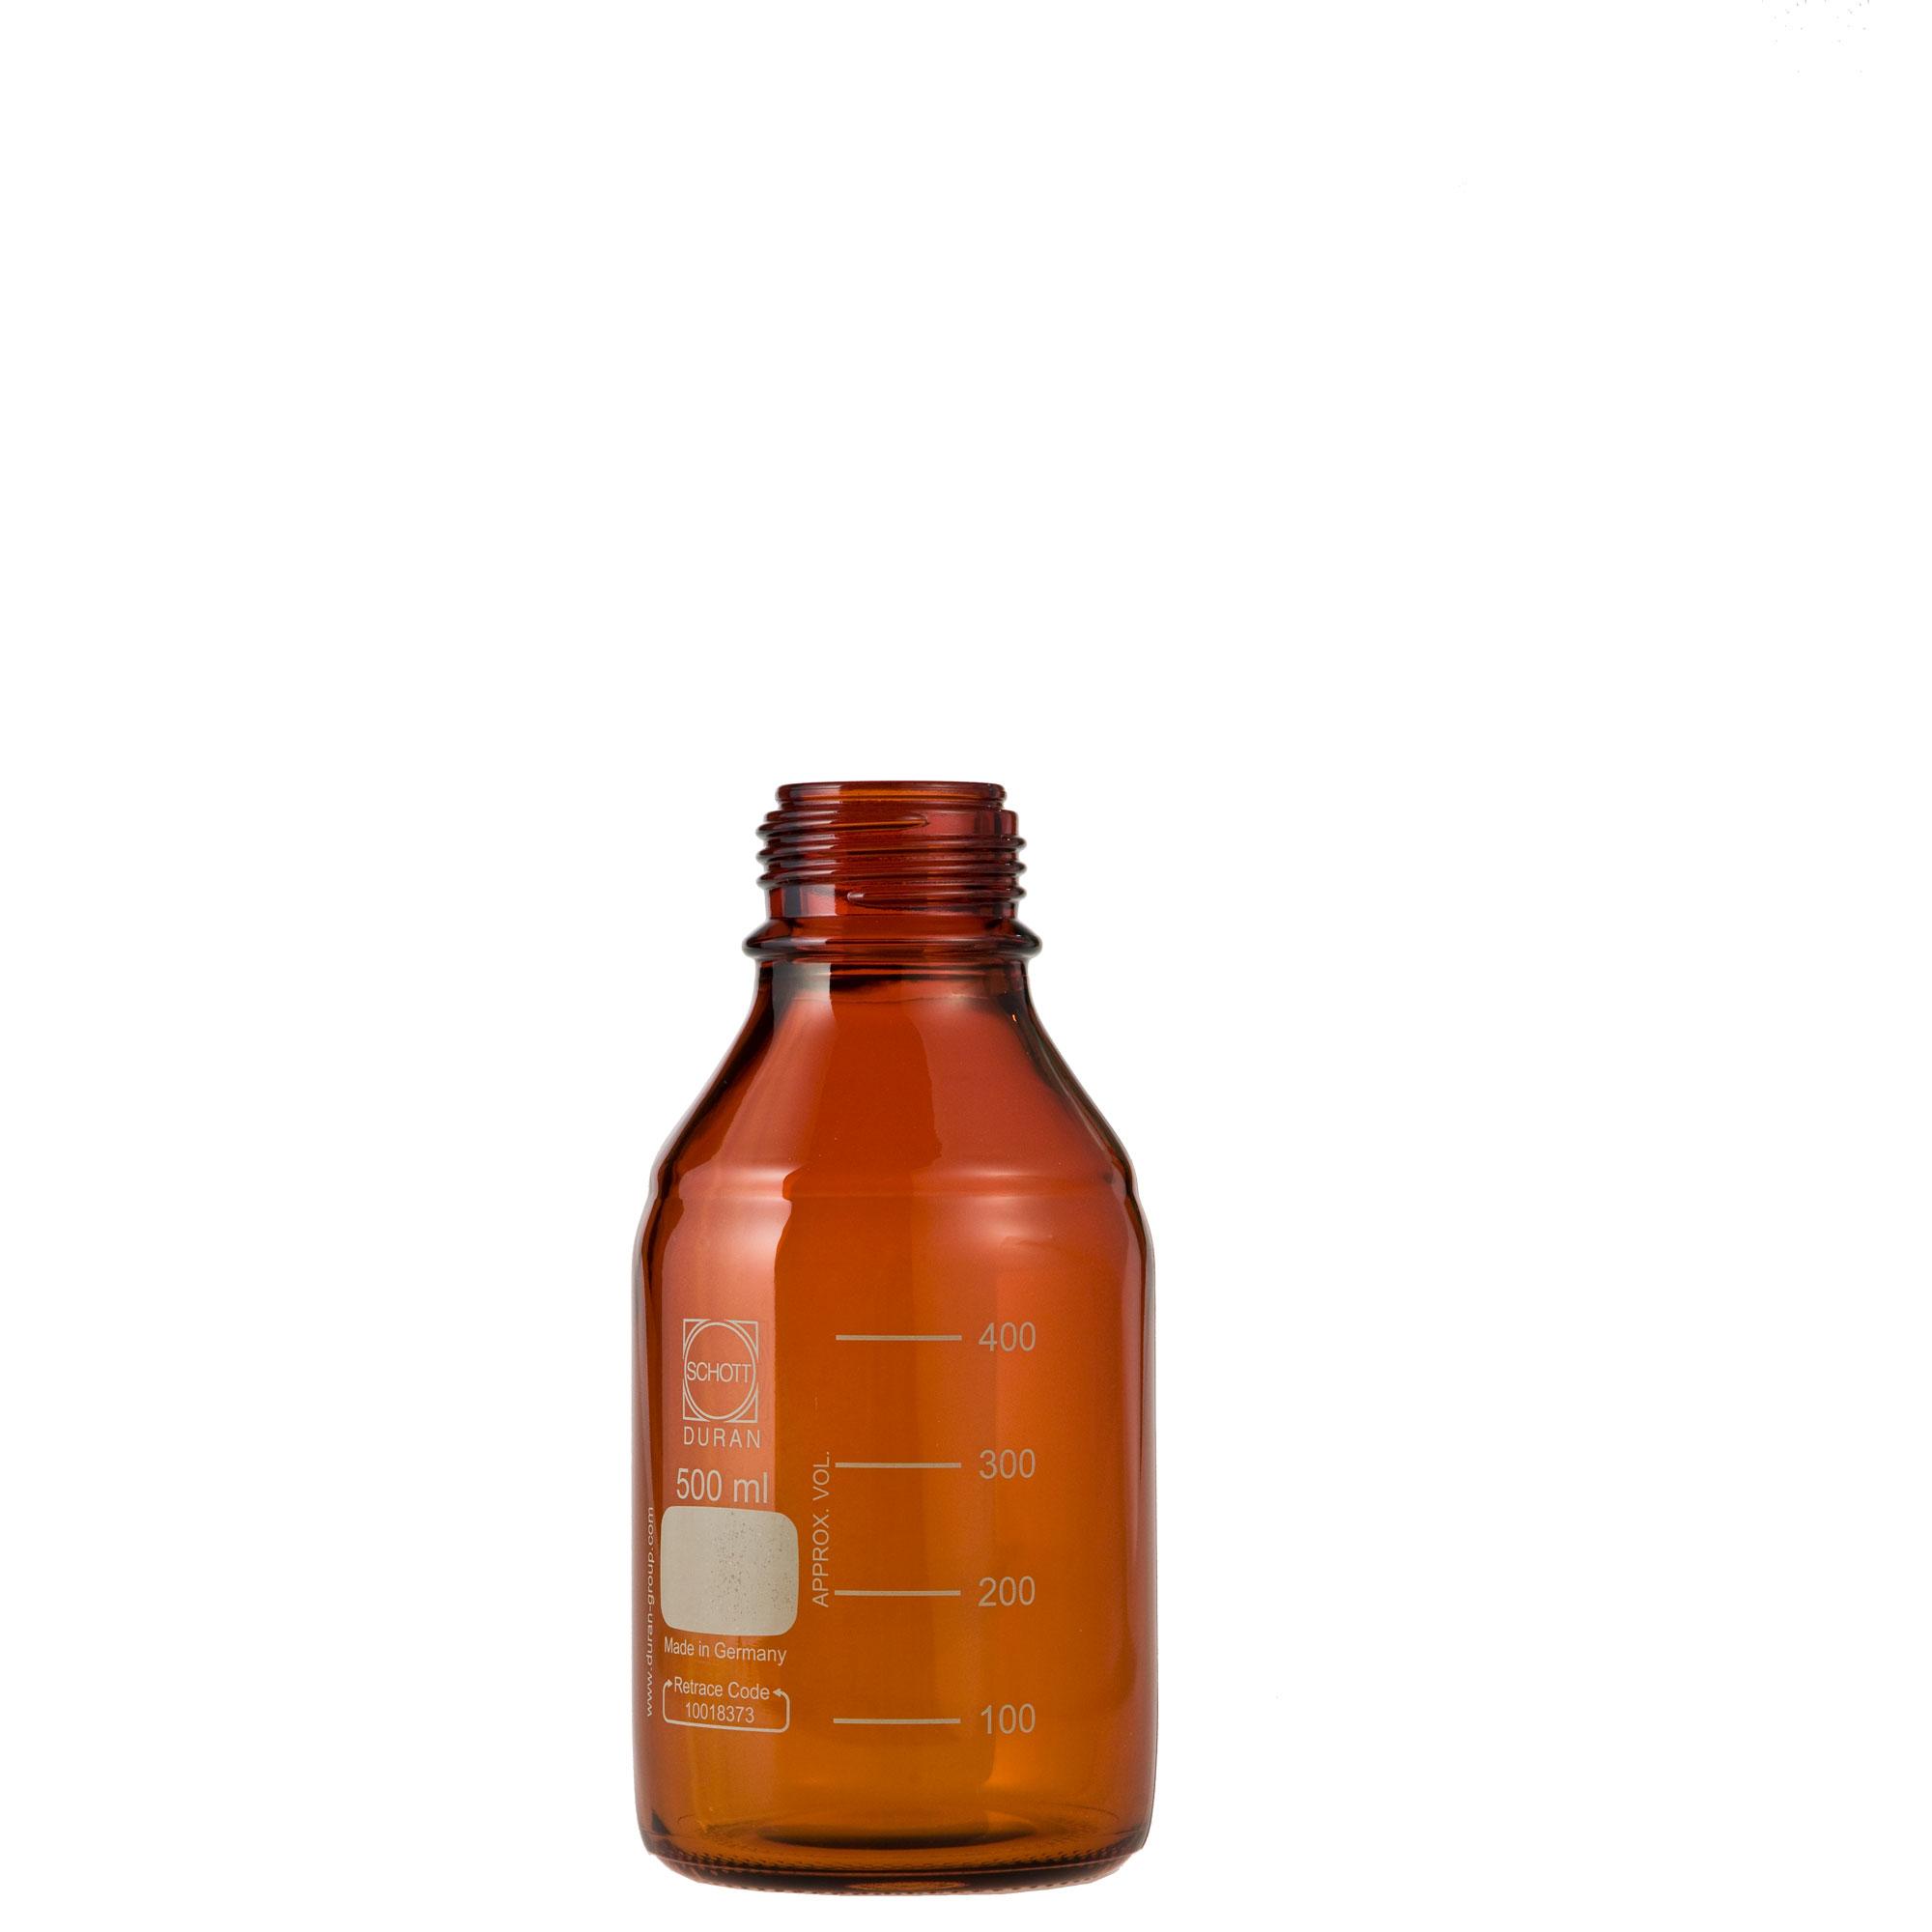 DURAN ねじ口びん(メジュームびん) 茶褐色 びんのみ 500mL GL-45(10個)